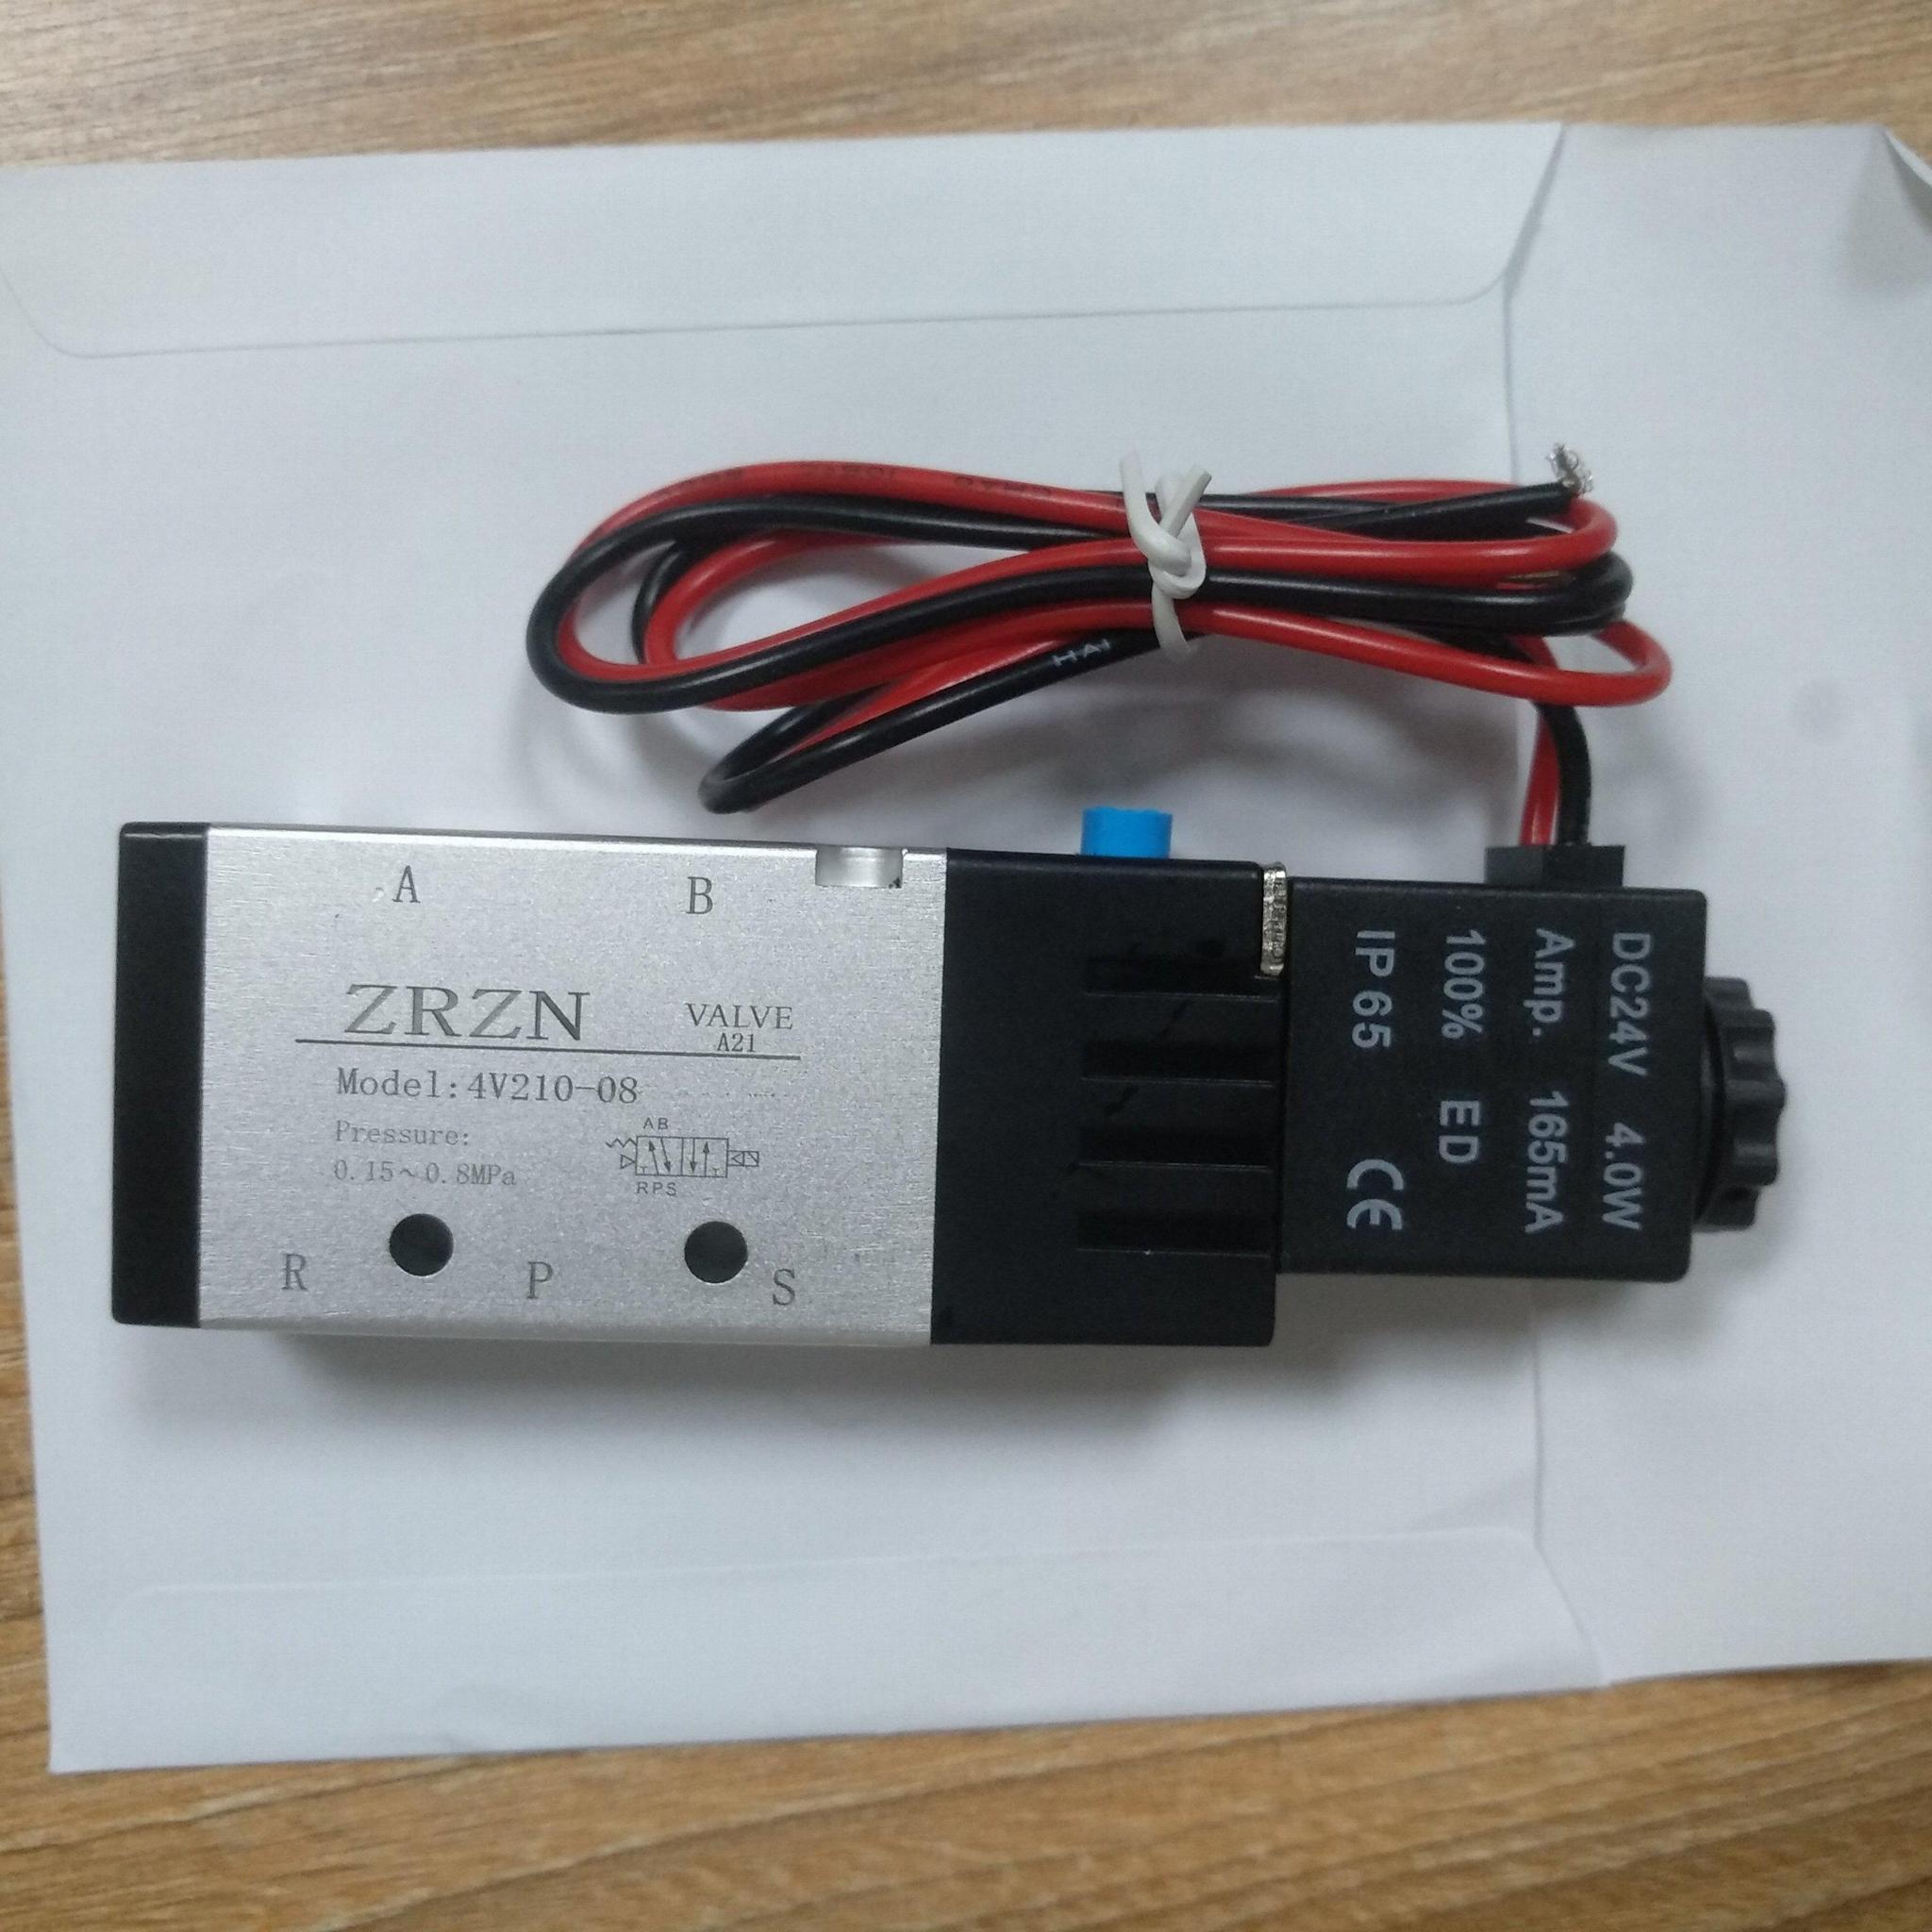 東莞中潤智能ZRZN電磁閥4V210-08控制電磁閥 2